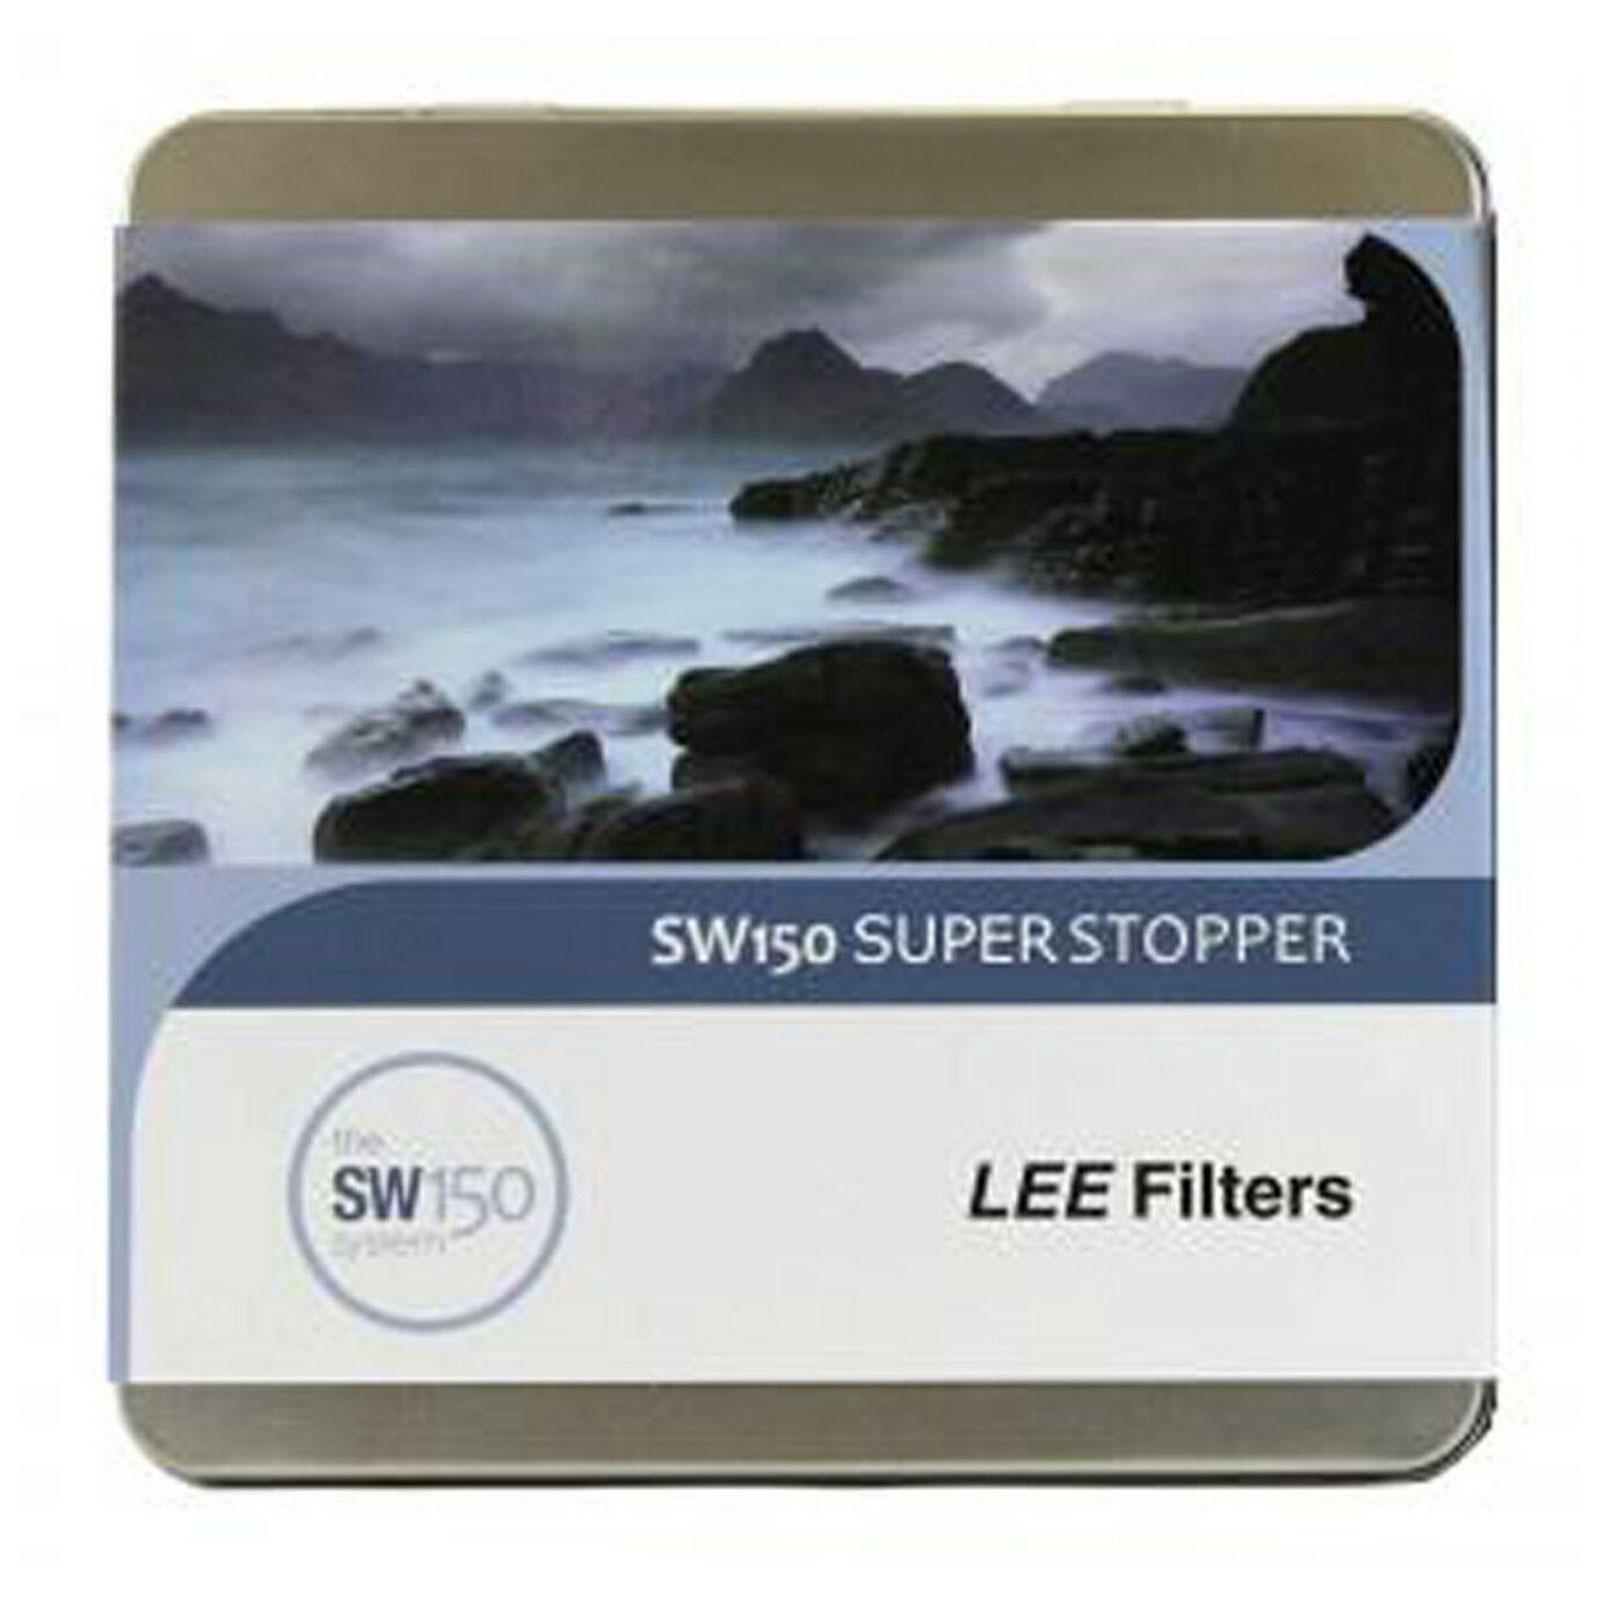 SW150-Super-Stopper-Box